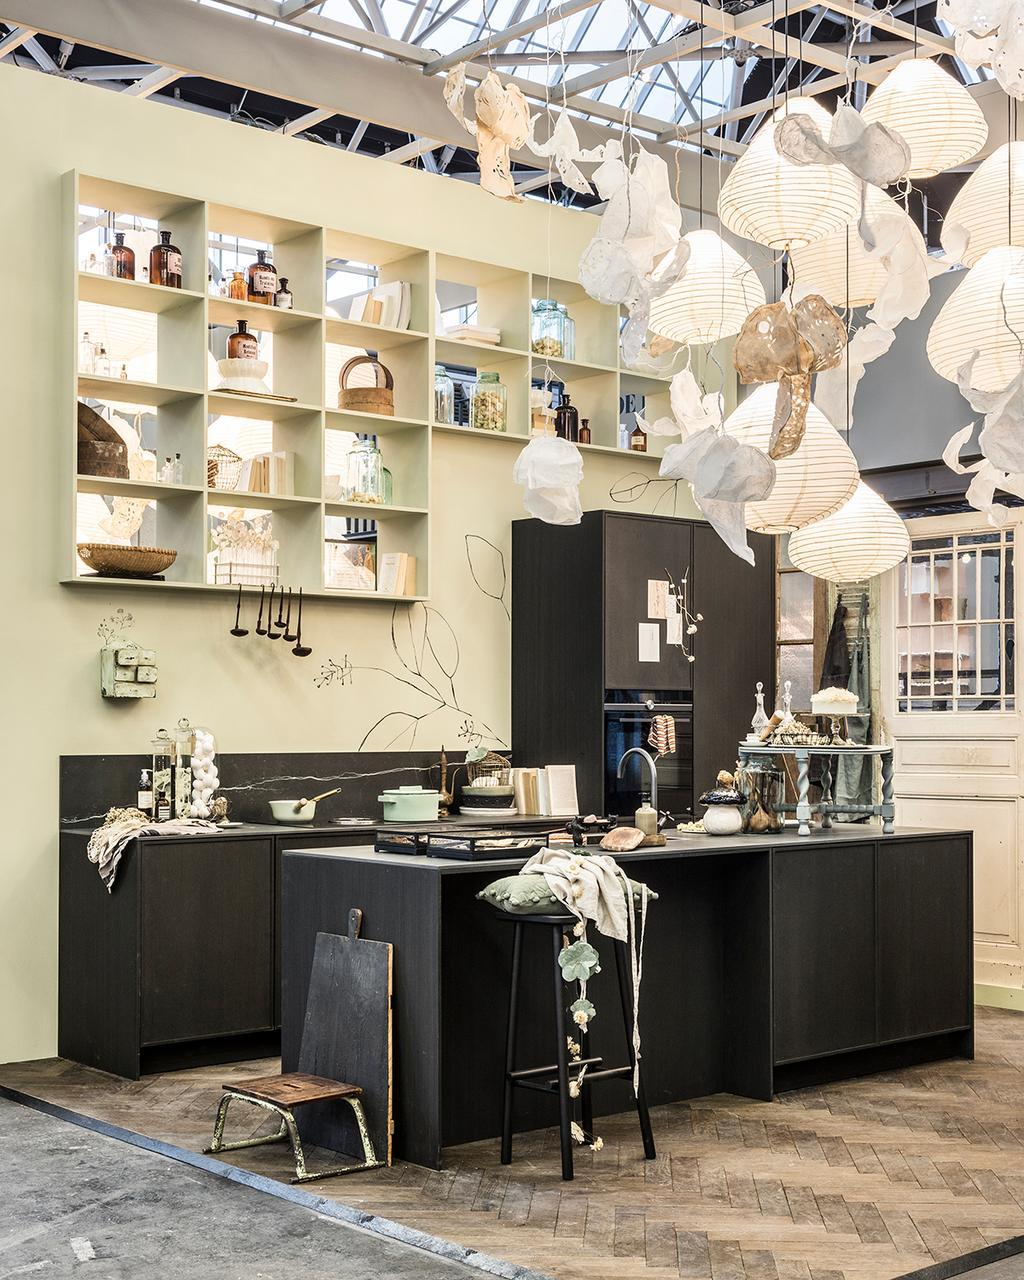 De keuken in het vtwonen huis op de vt wonen&design beurs.